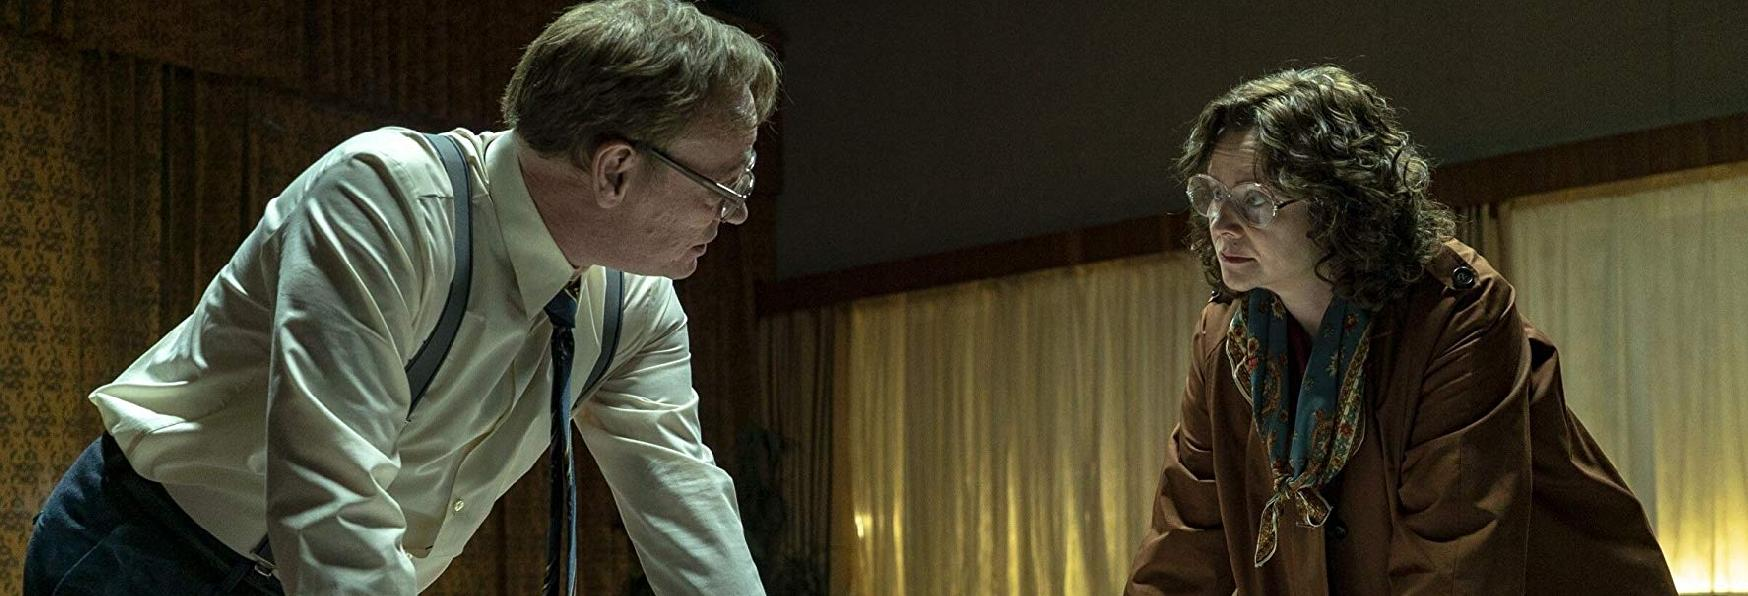 Chernobyl: la Miniserie di HBO non avrà una Seconda Stagione. Lo Conferma l'Autore